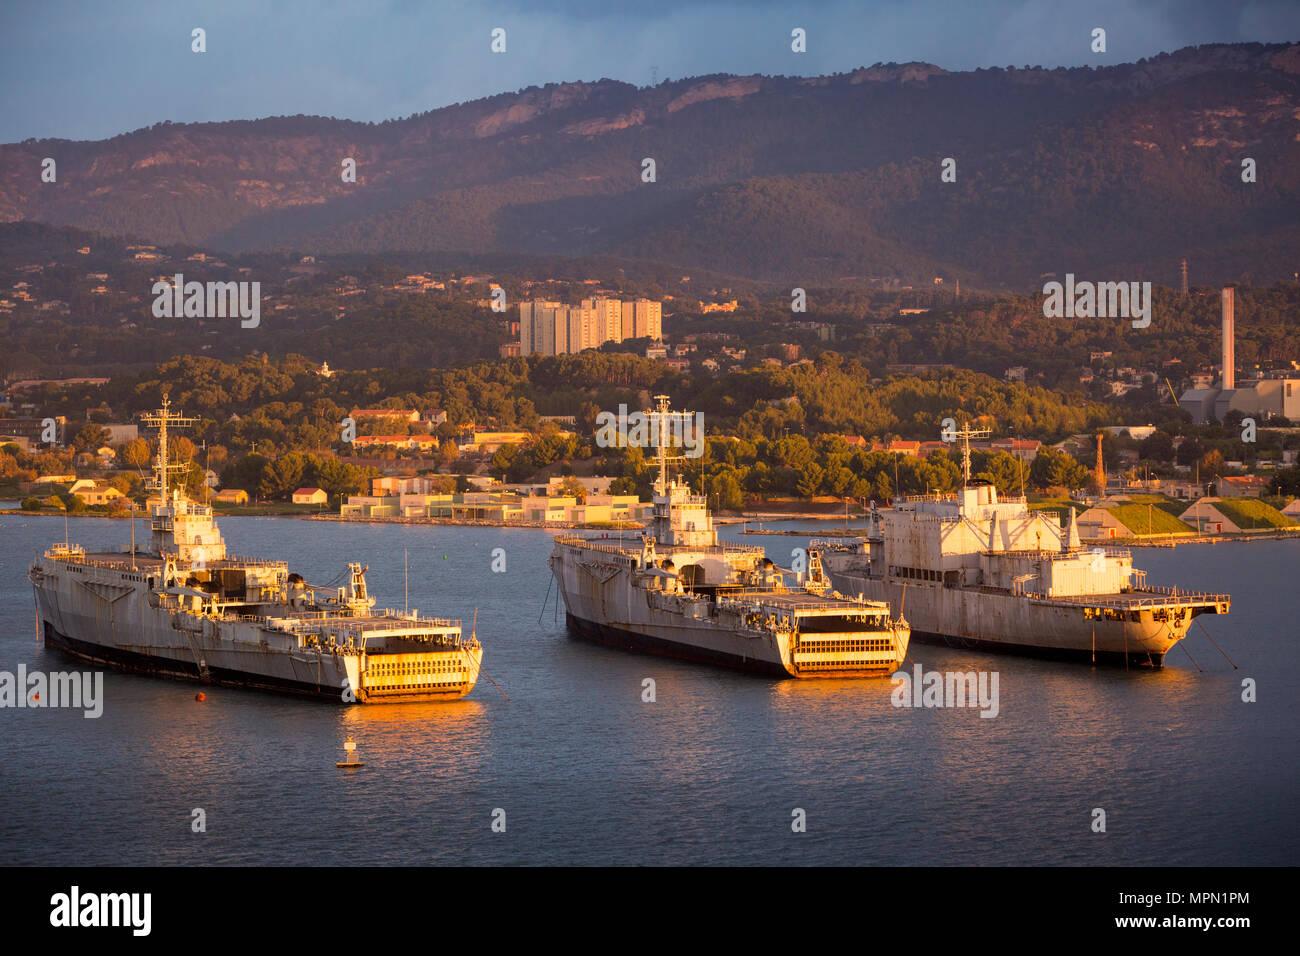 Sonnenaufgang über verankert, eingemottet Schiffe der französischen Marine in Toulon, Côte d'Azur, Frankreich Stockbild